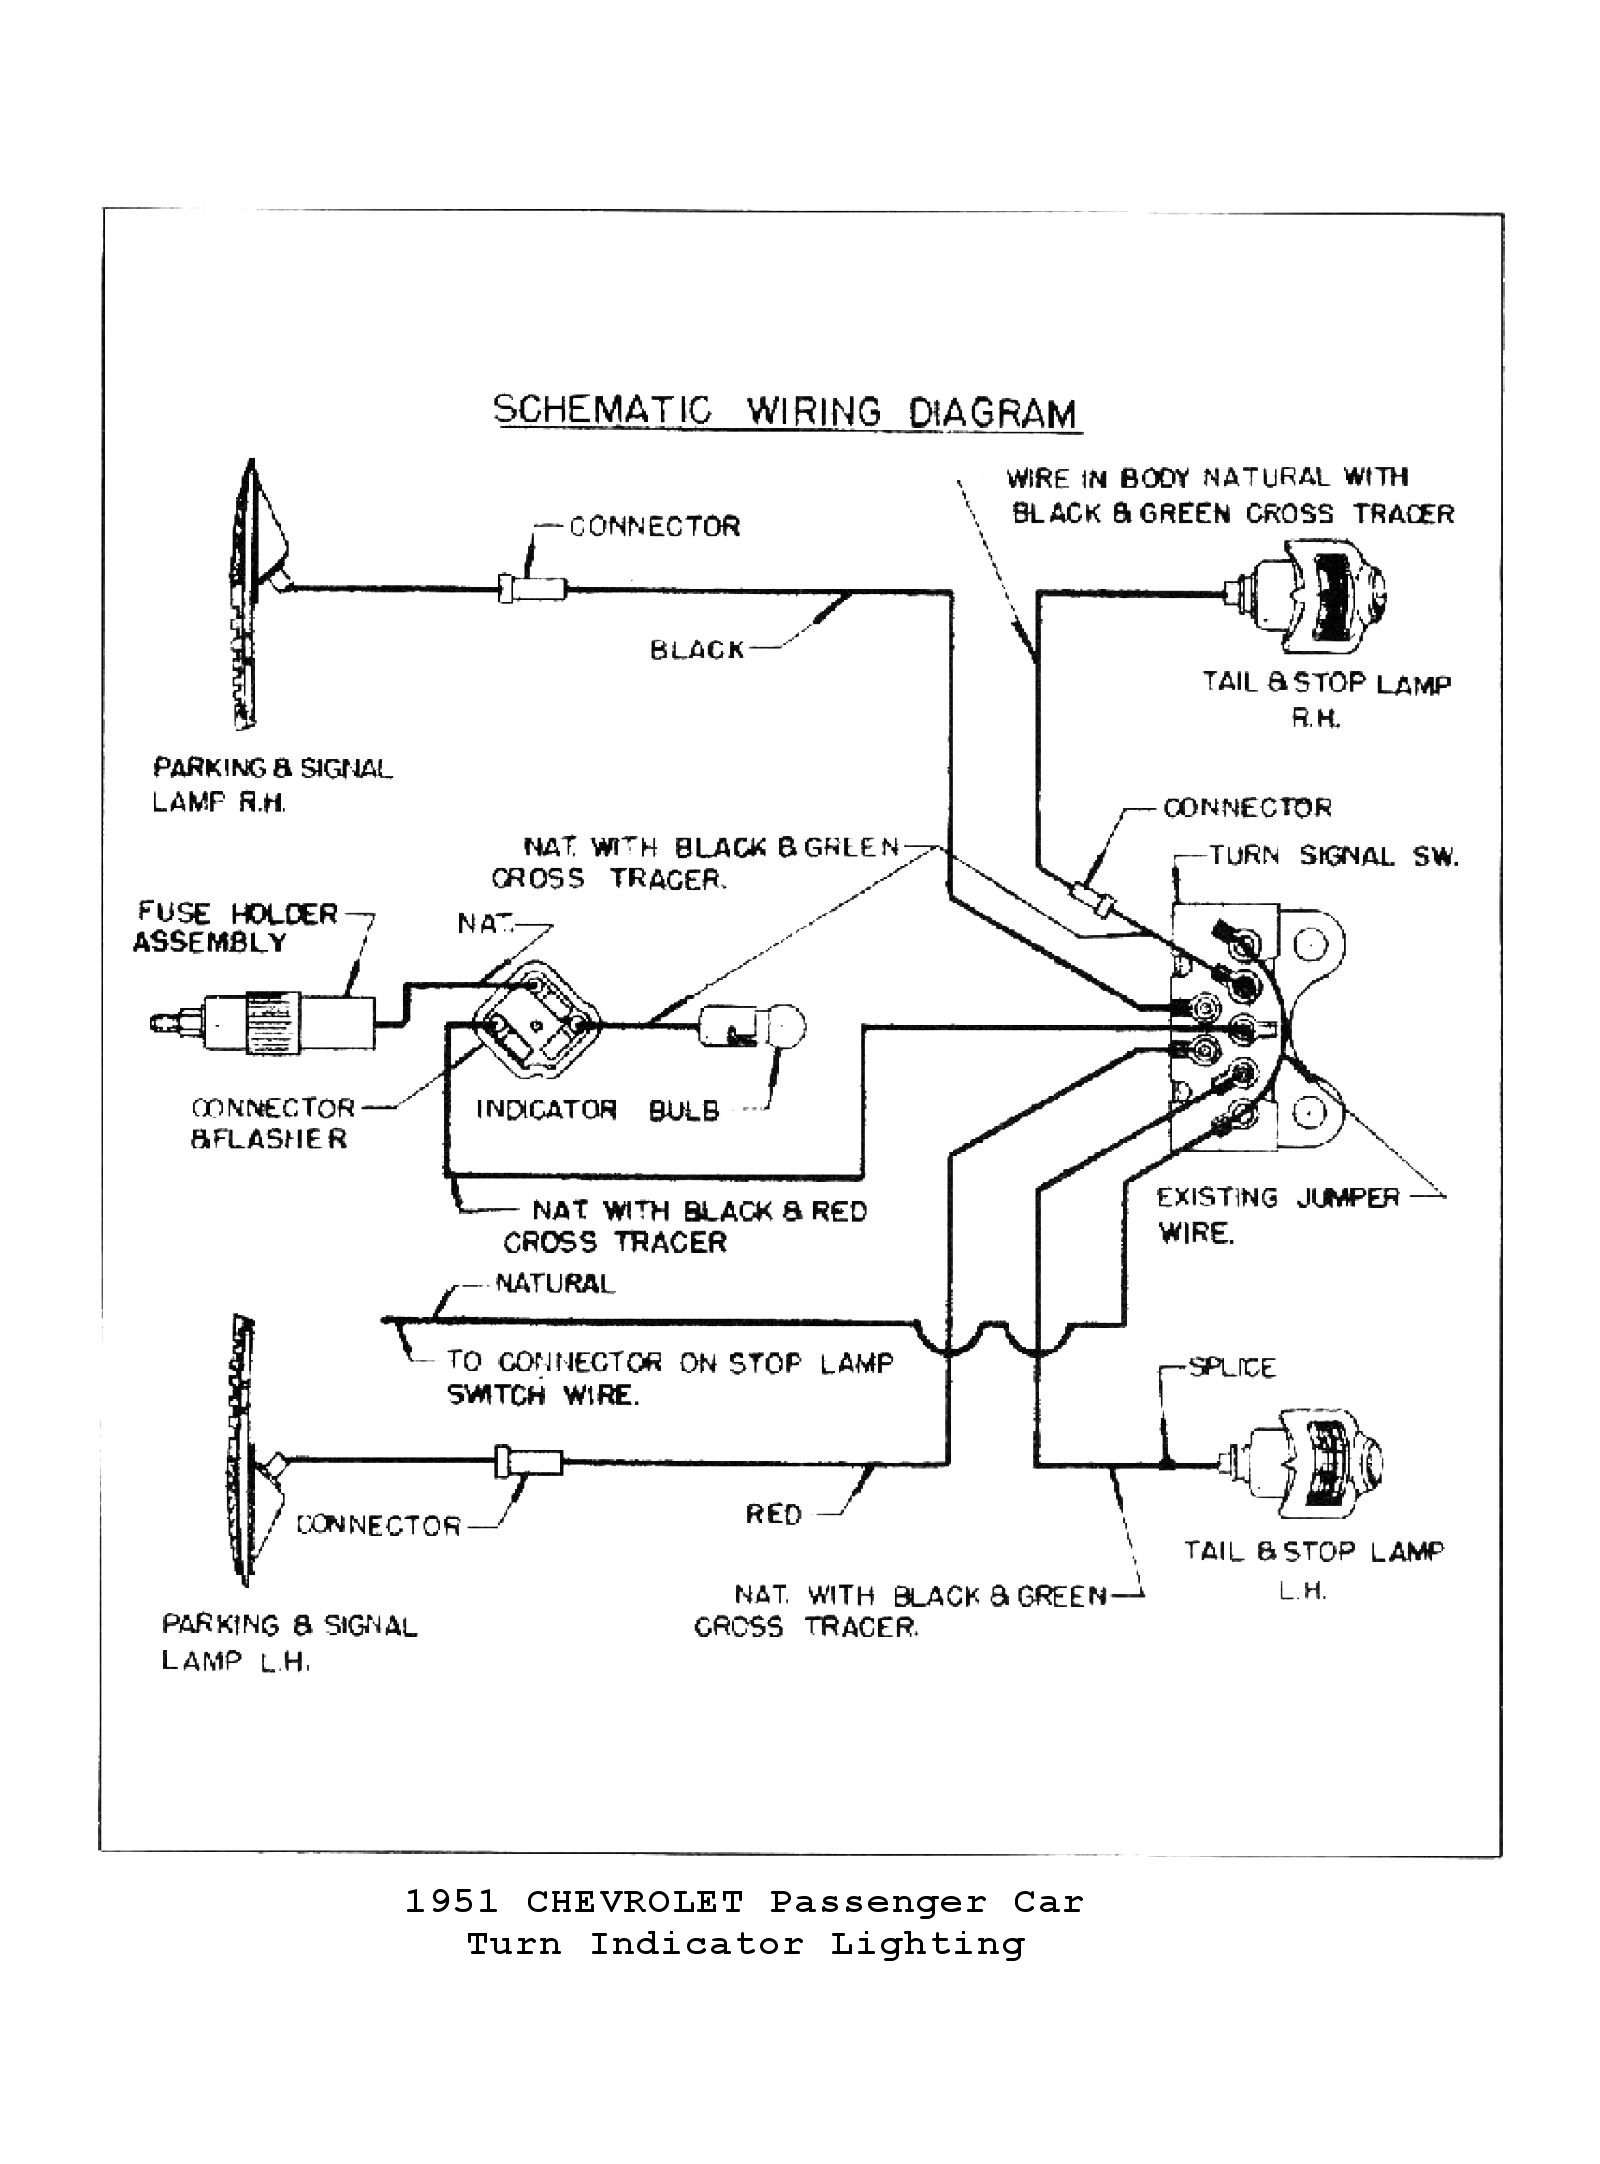 2016 Ram 1500 Parking Lamp Circut Diagram Gmc Headlight Switch Wiring Diagram Of 2016 Ram 1500 Parking Lamp Circut Diagram